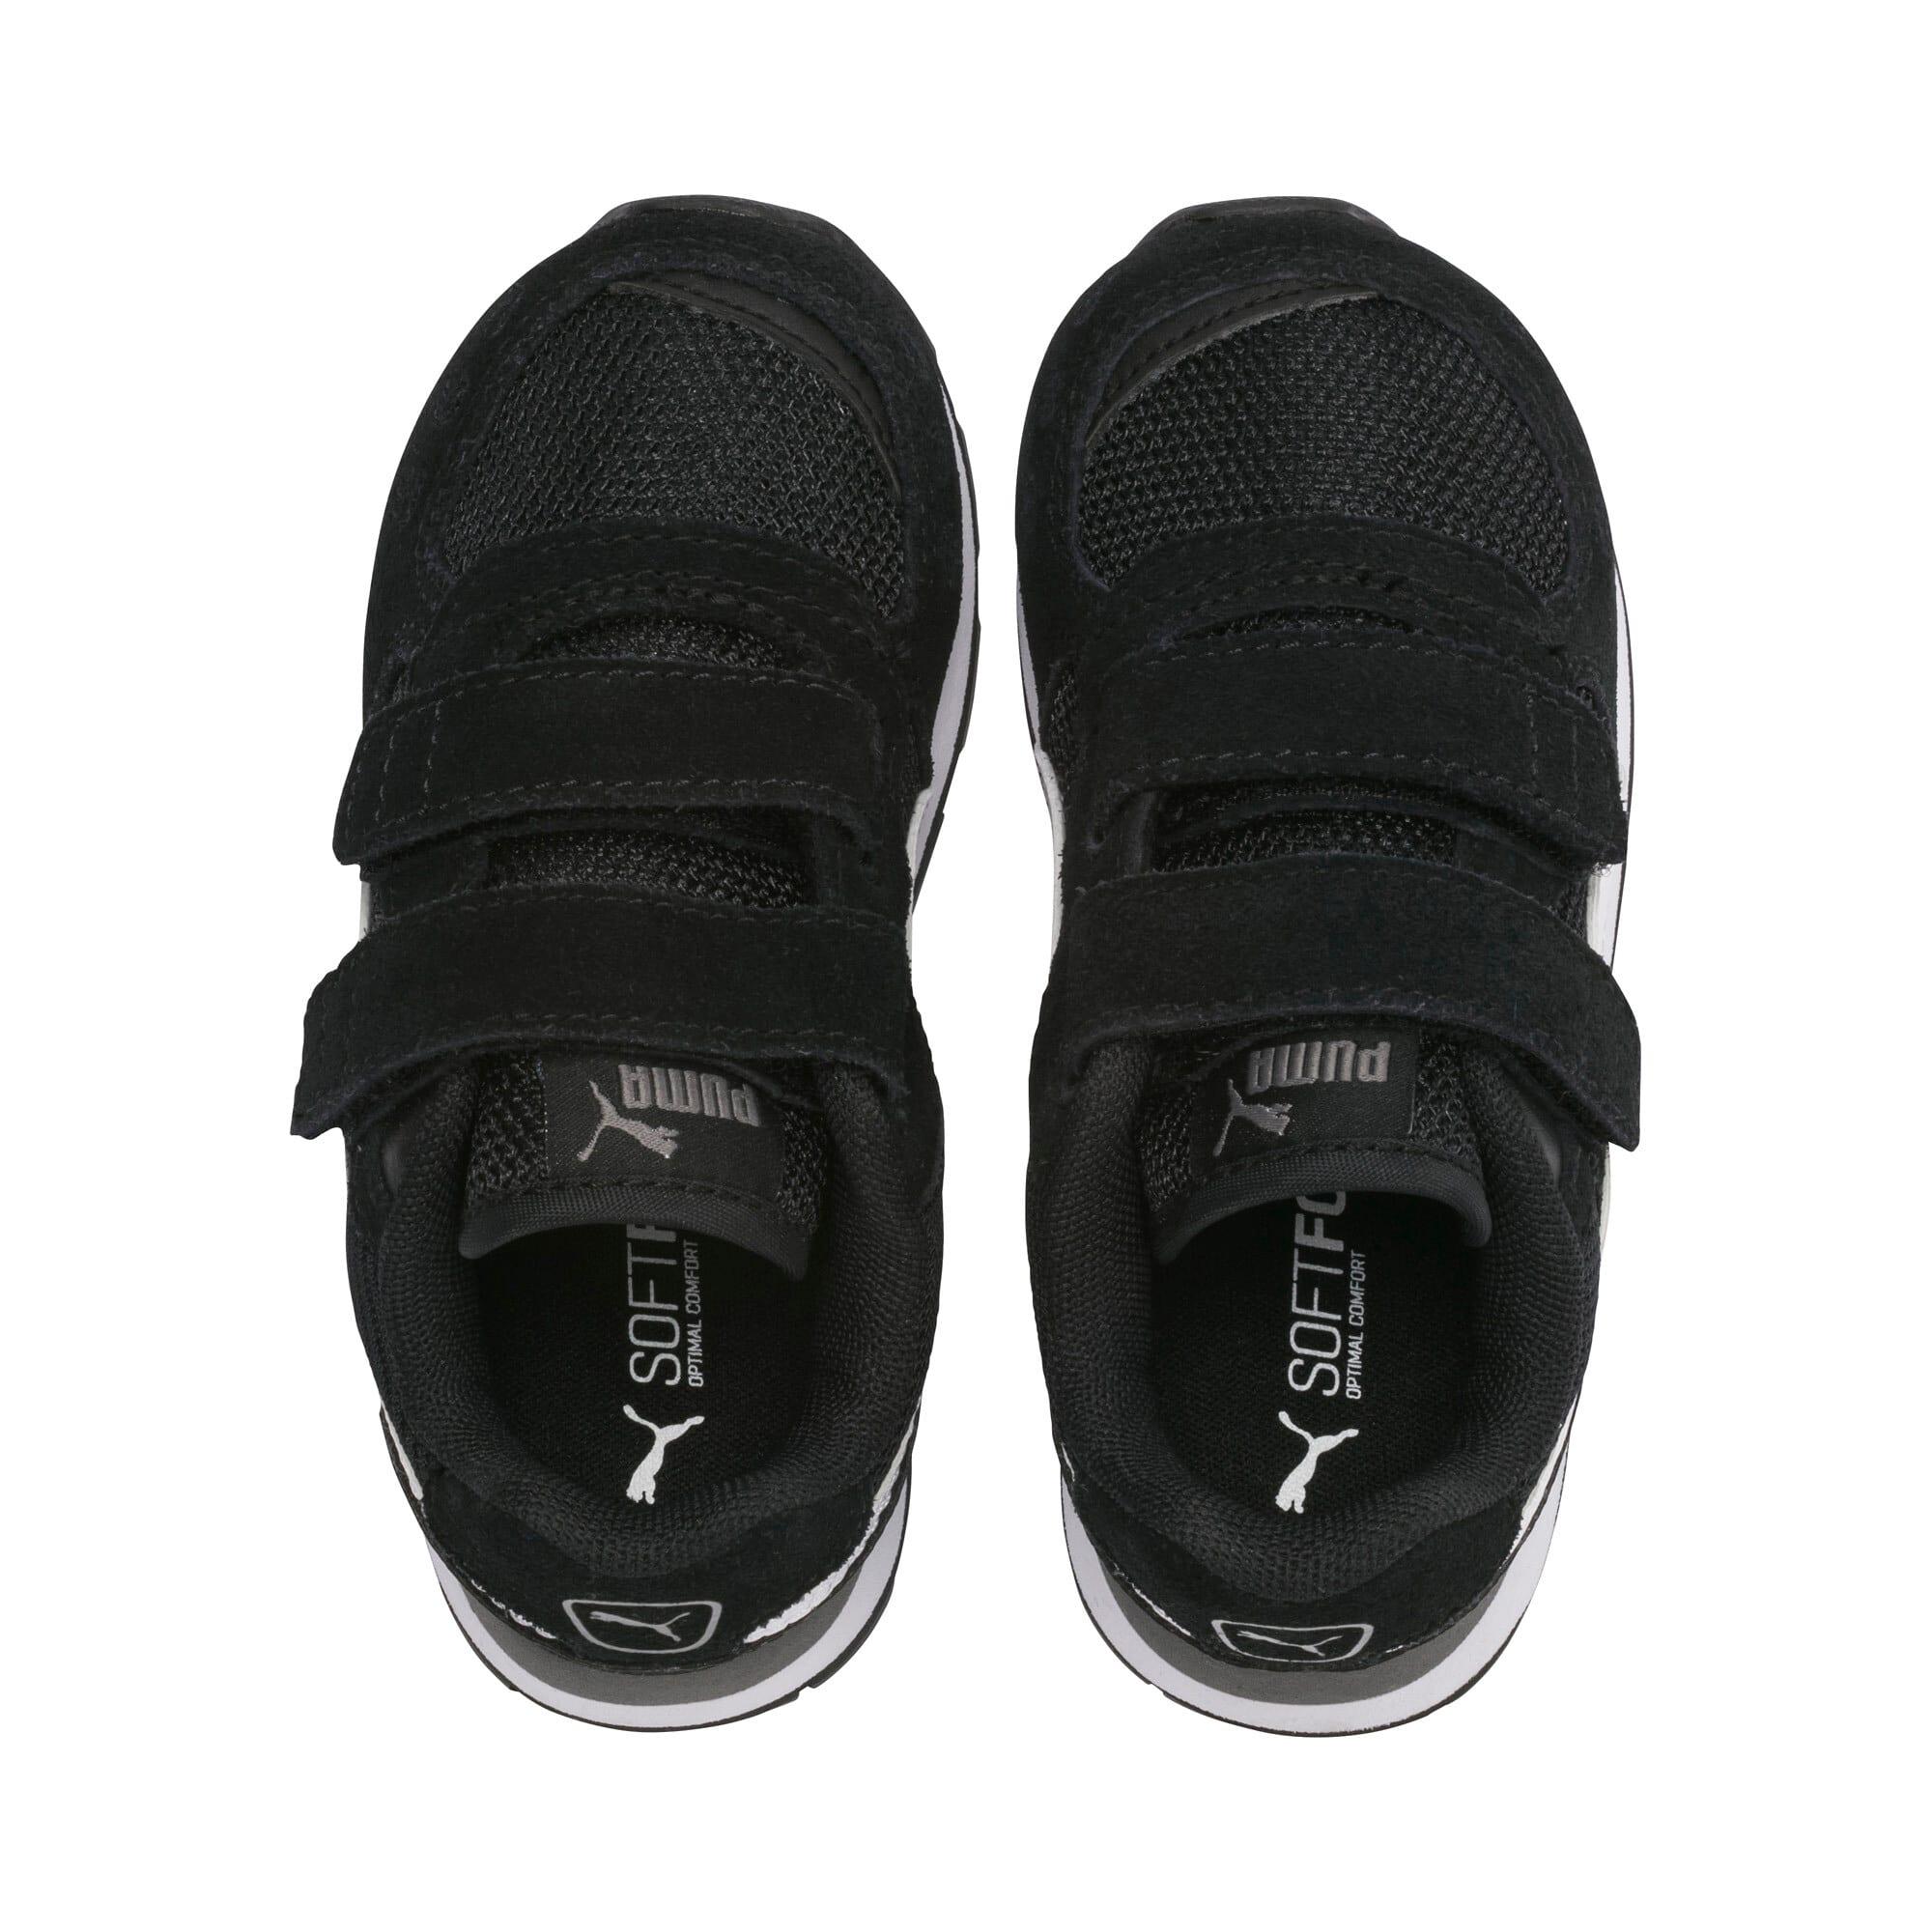 Miniatura 6 de Zapatos Vista para niños, Puma Black-Puma White, mediano